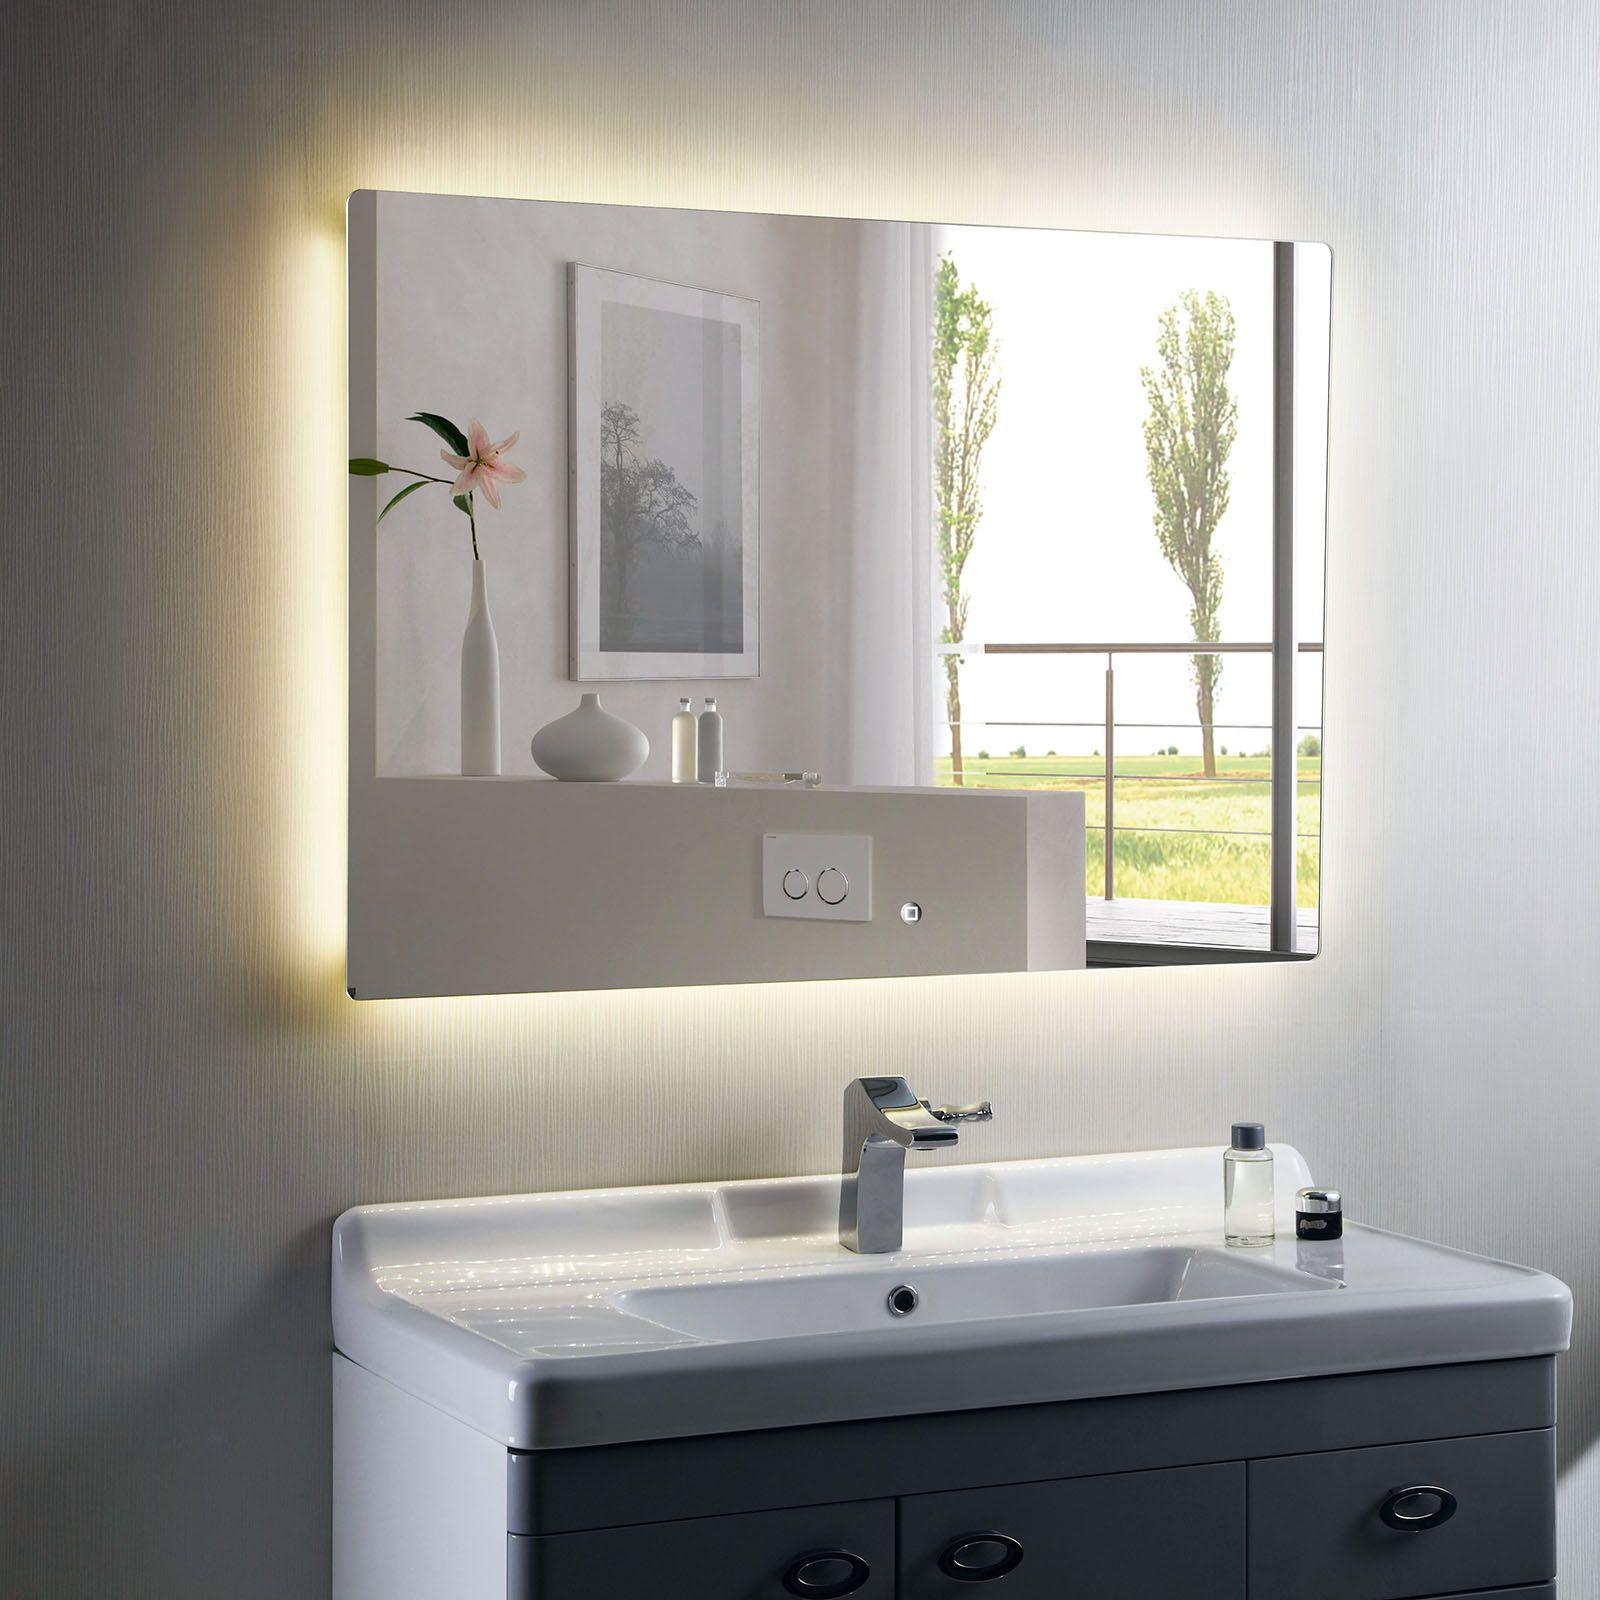 Led Lichtspiegel 2137 Fur Mehr Licht Und Eleganz In Ihrem Badezimmer Jetzt Einen Led Lichtspiege Badezimmer Beleuchteter Kosmetikspiegel Handgemachte Spiegel